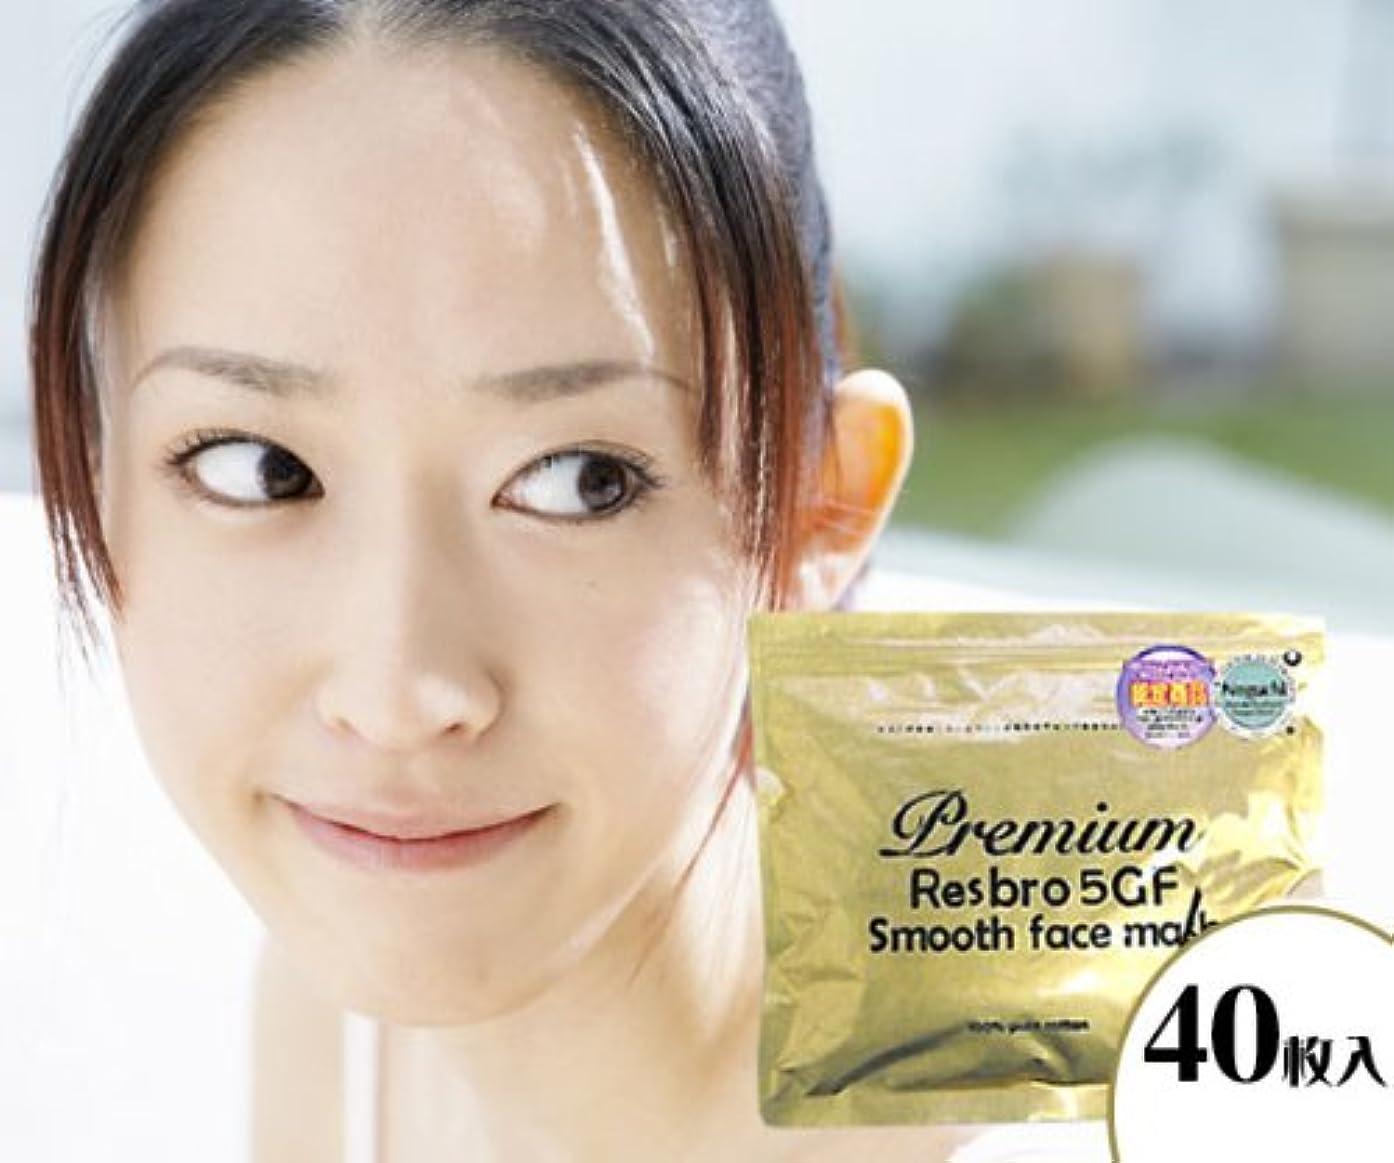 スペア激しいラインナップレスブロ5GFスムースフェイスマスク 40枚入り (こちらの商品の内訳は『40点』のみ)